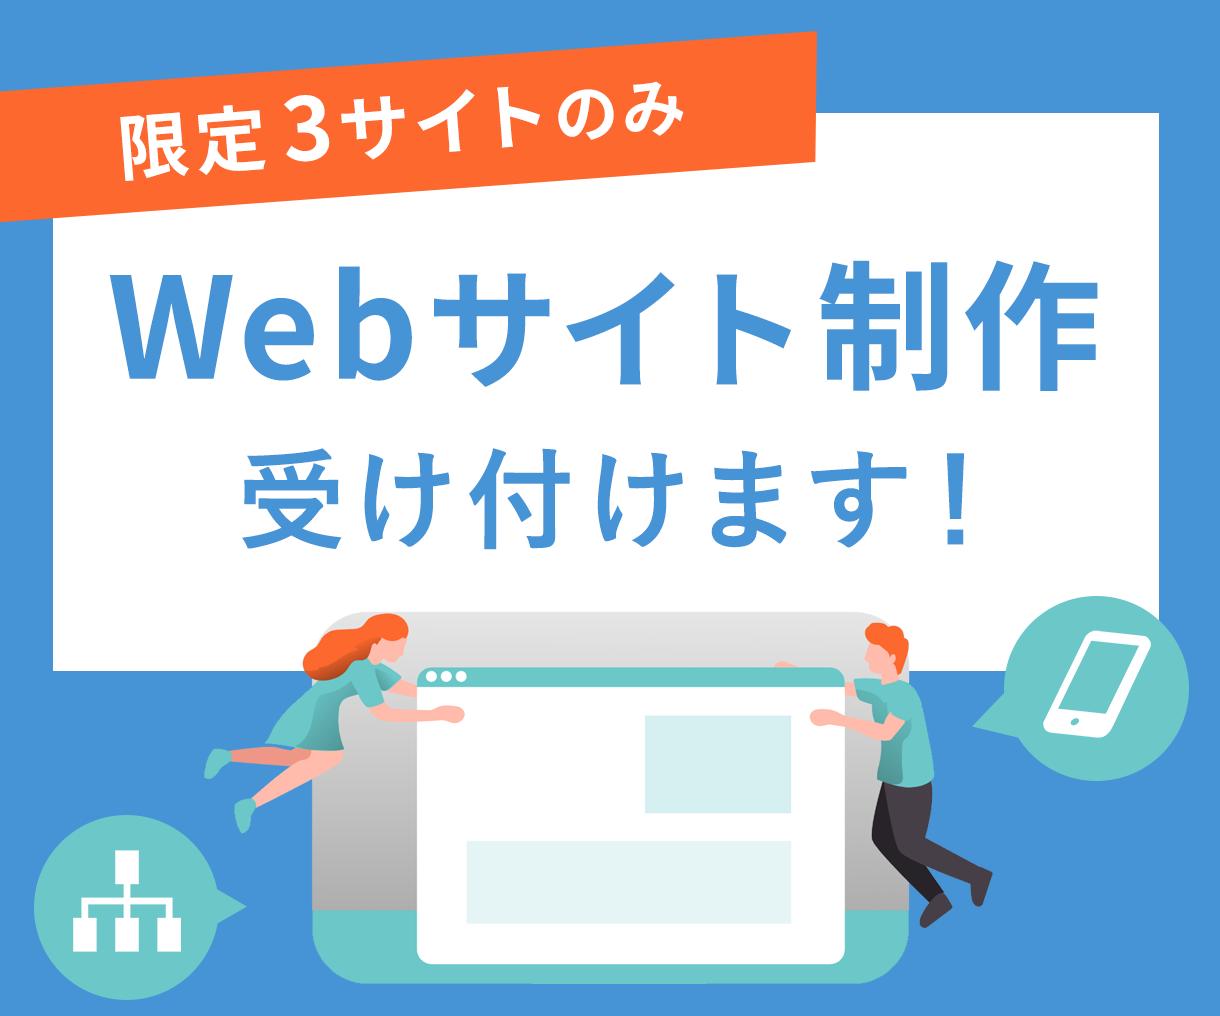 先着3名限定価格!スマホ対応Webサイト制作します オリジナルデザインで投稿機能付きのホームページを作成 イメージ1